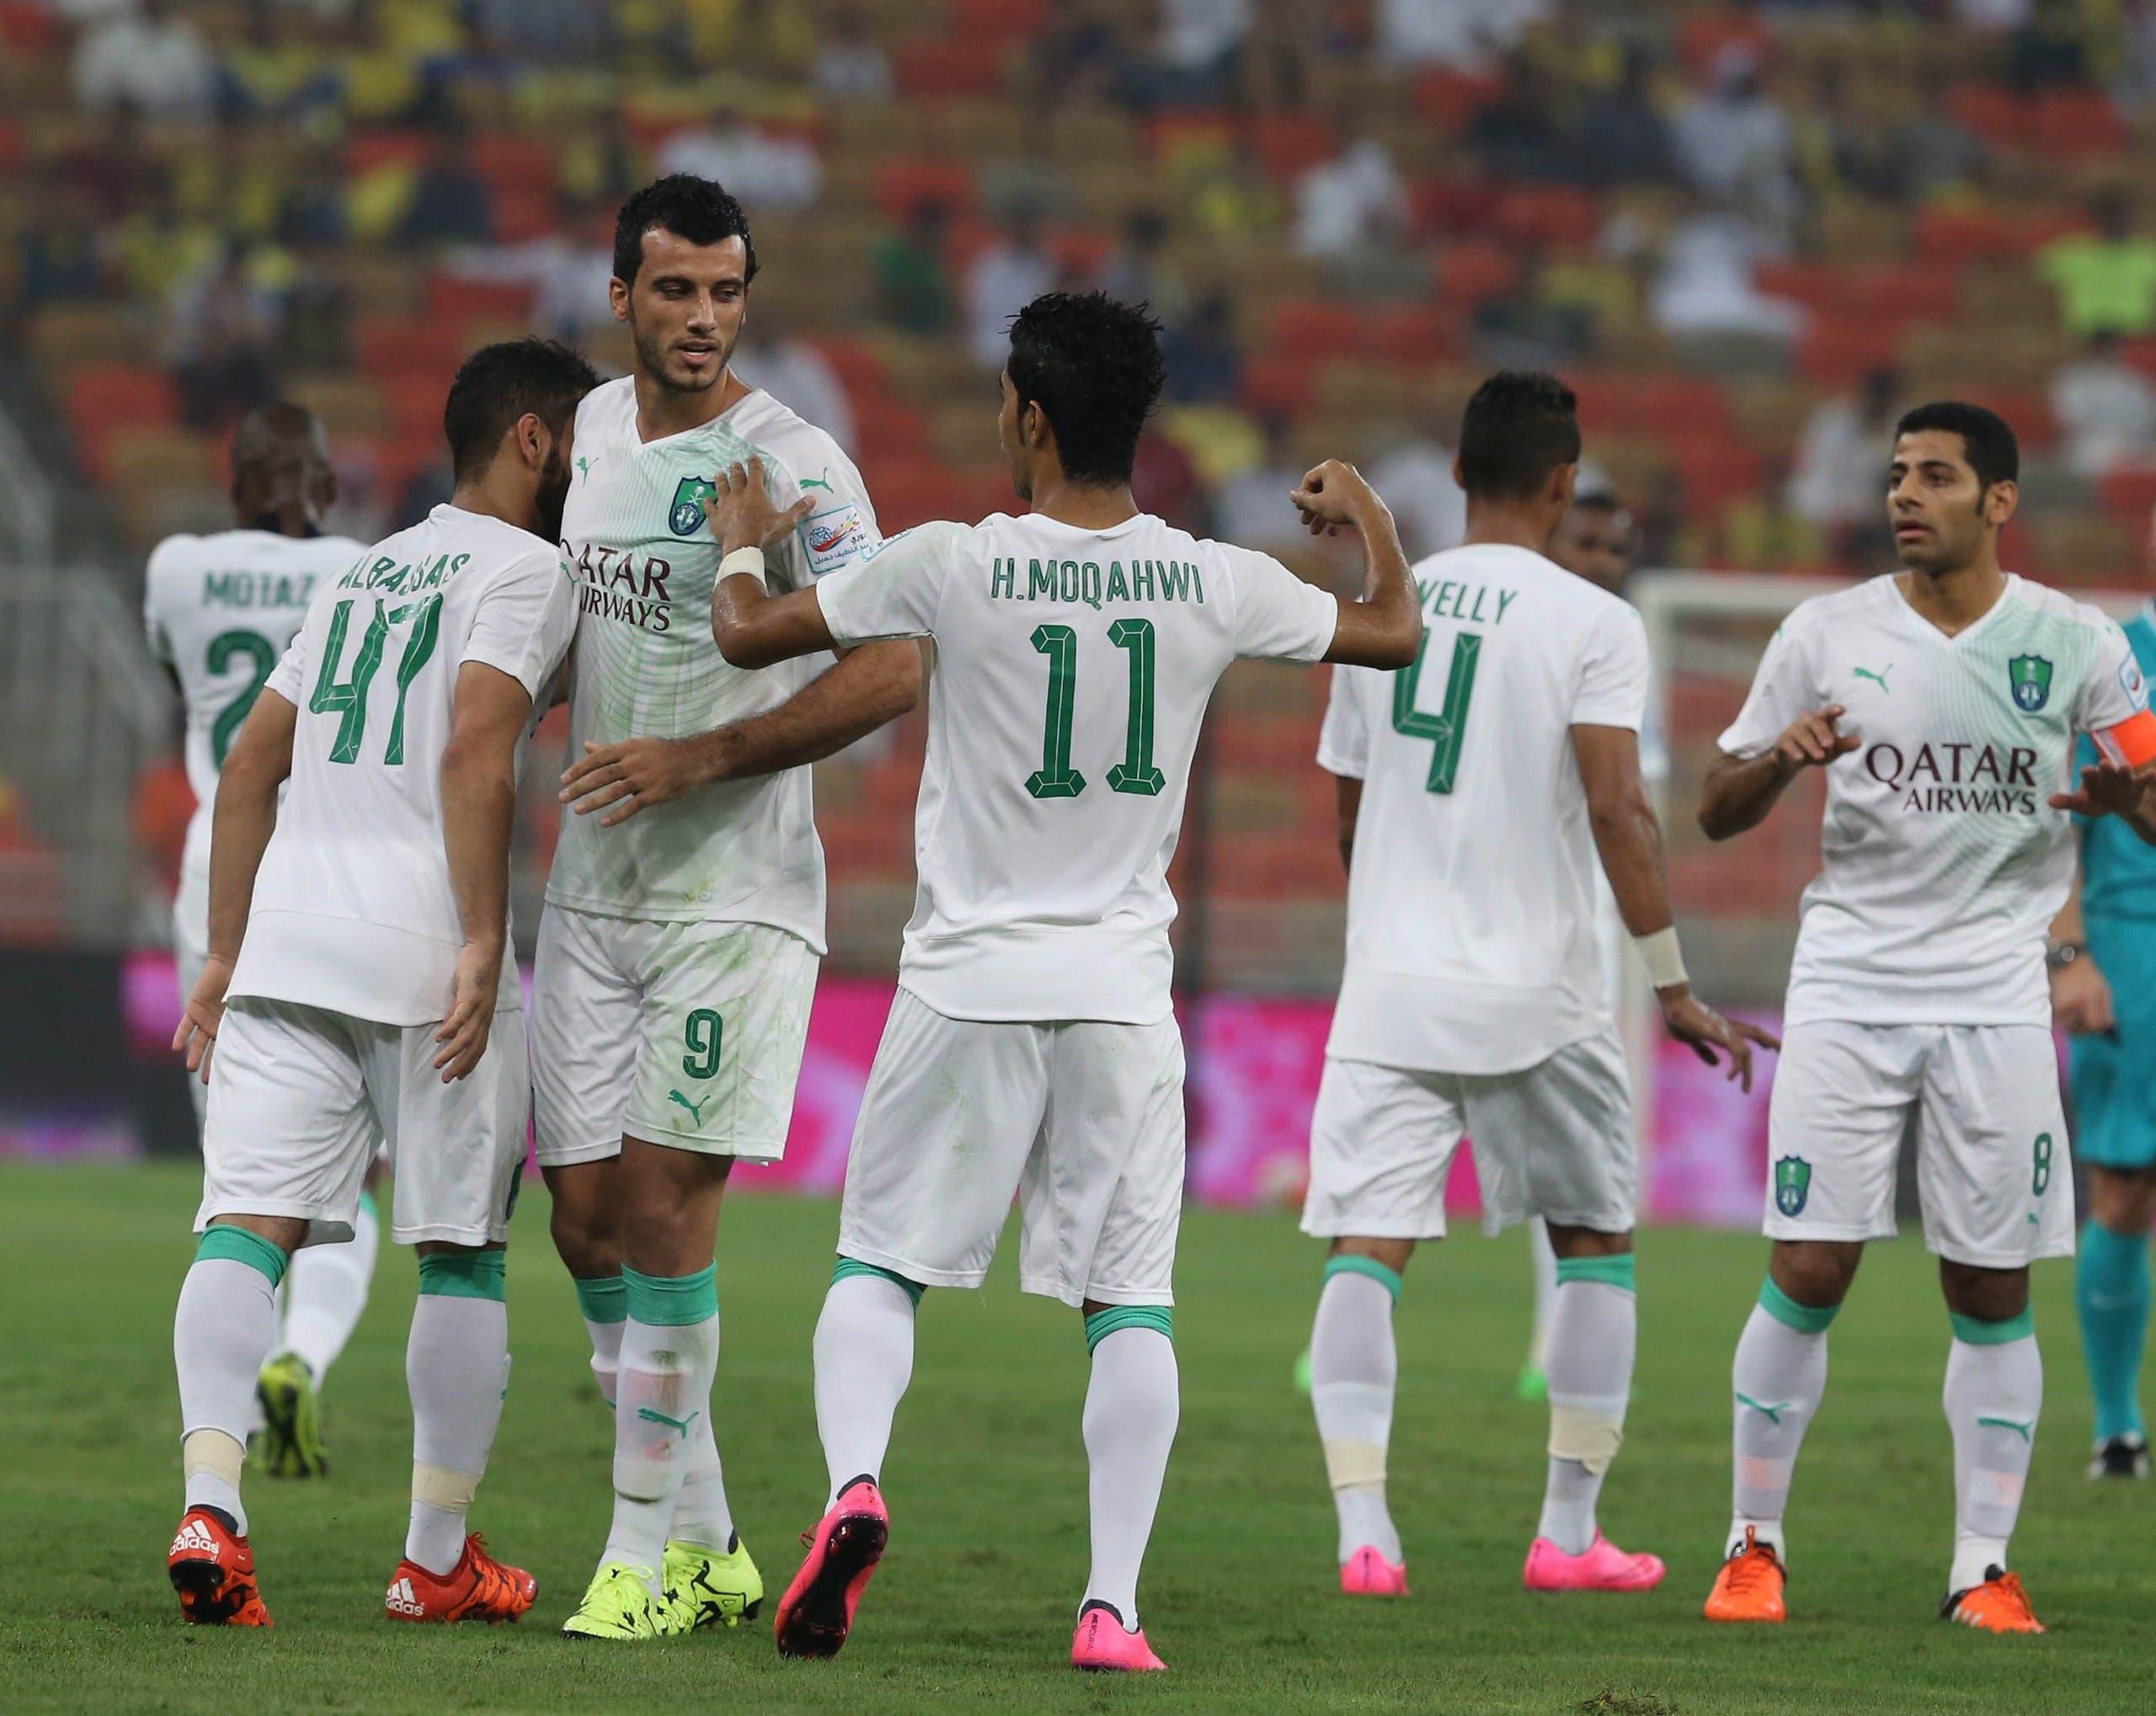 السومة خلال مباراة أهلي جدة والنصر في أكتوبر 2015